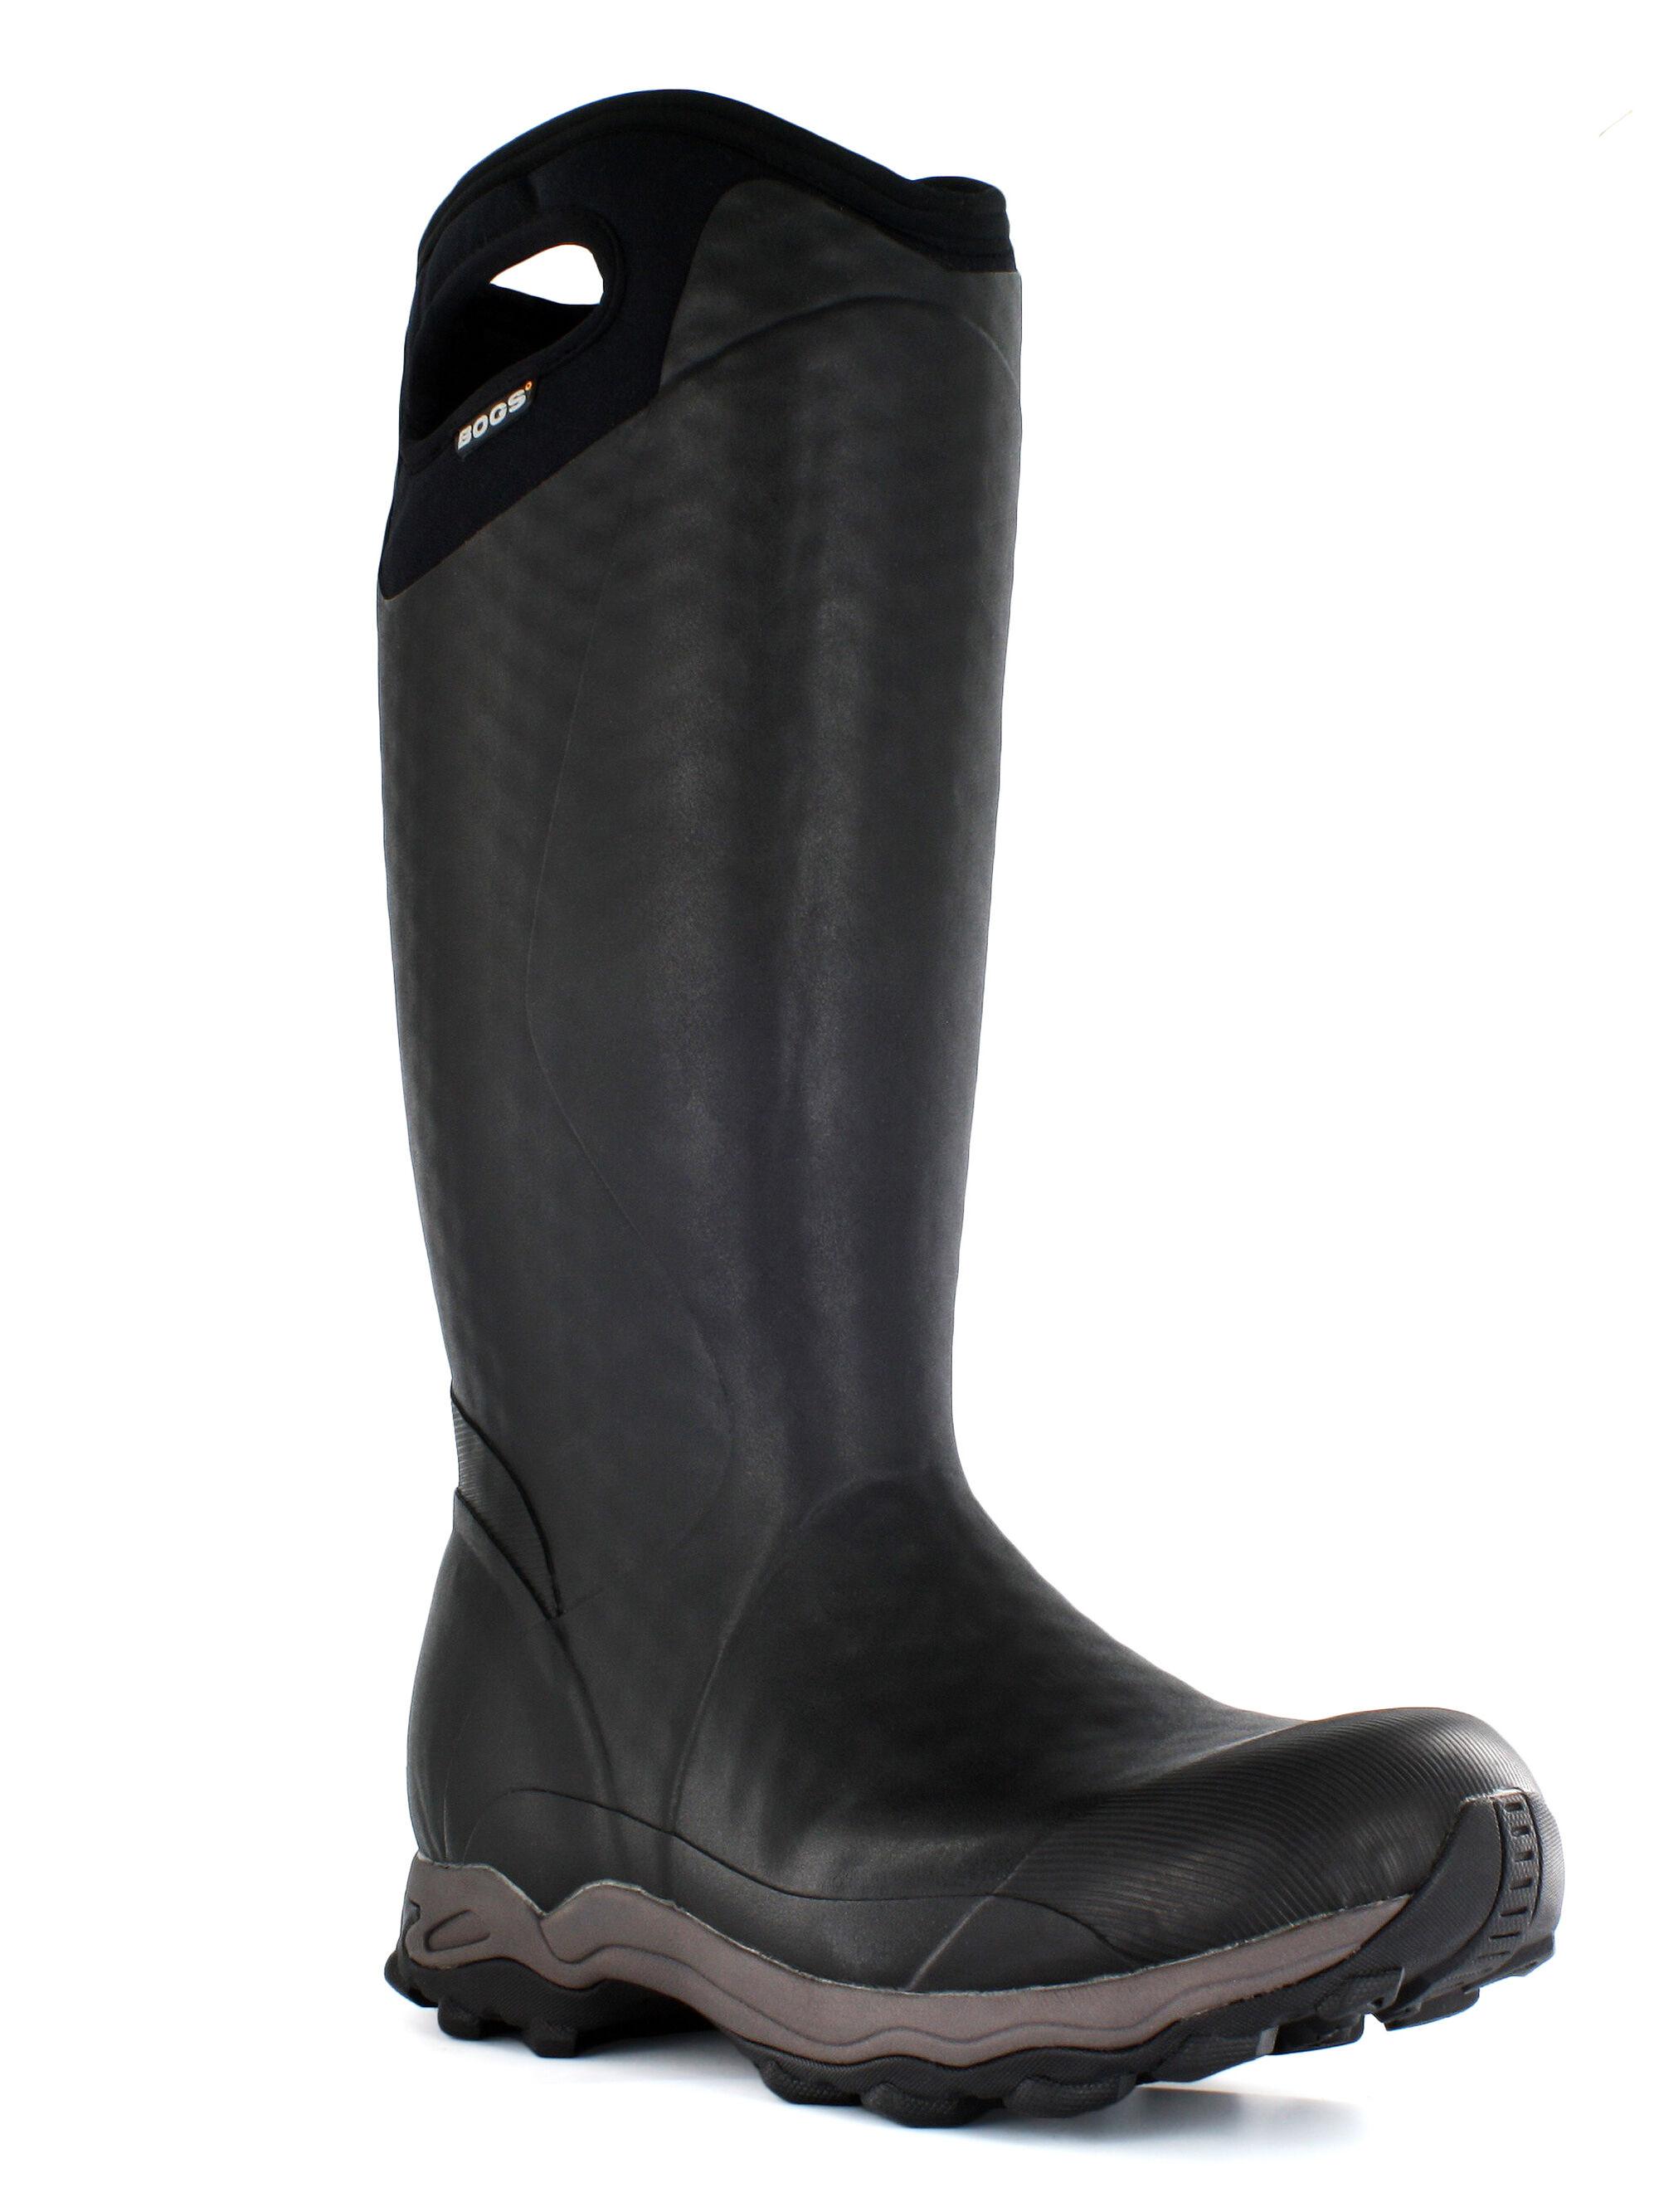 Mens garden clogs by bogs men39s stewart clogs for Mens garden boots